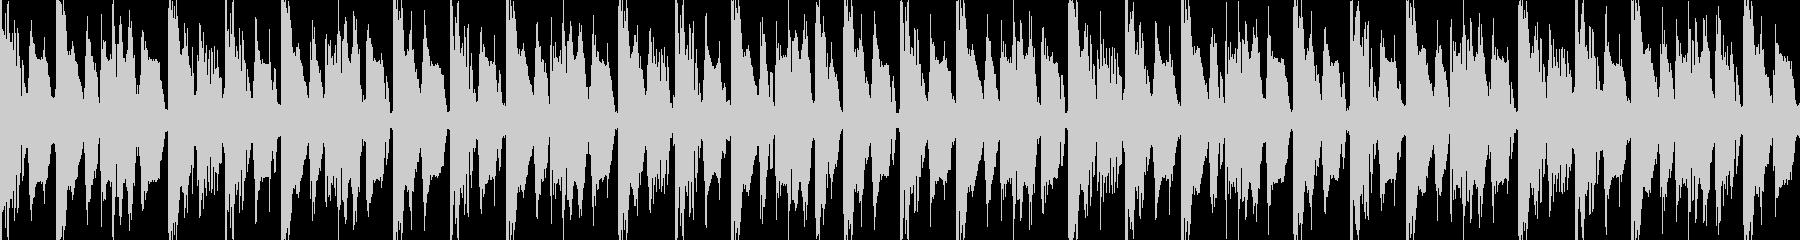 エレクトロニック パーカッション ...の未再生の波形